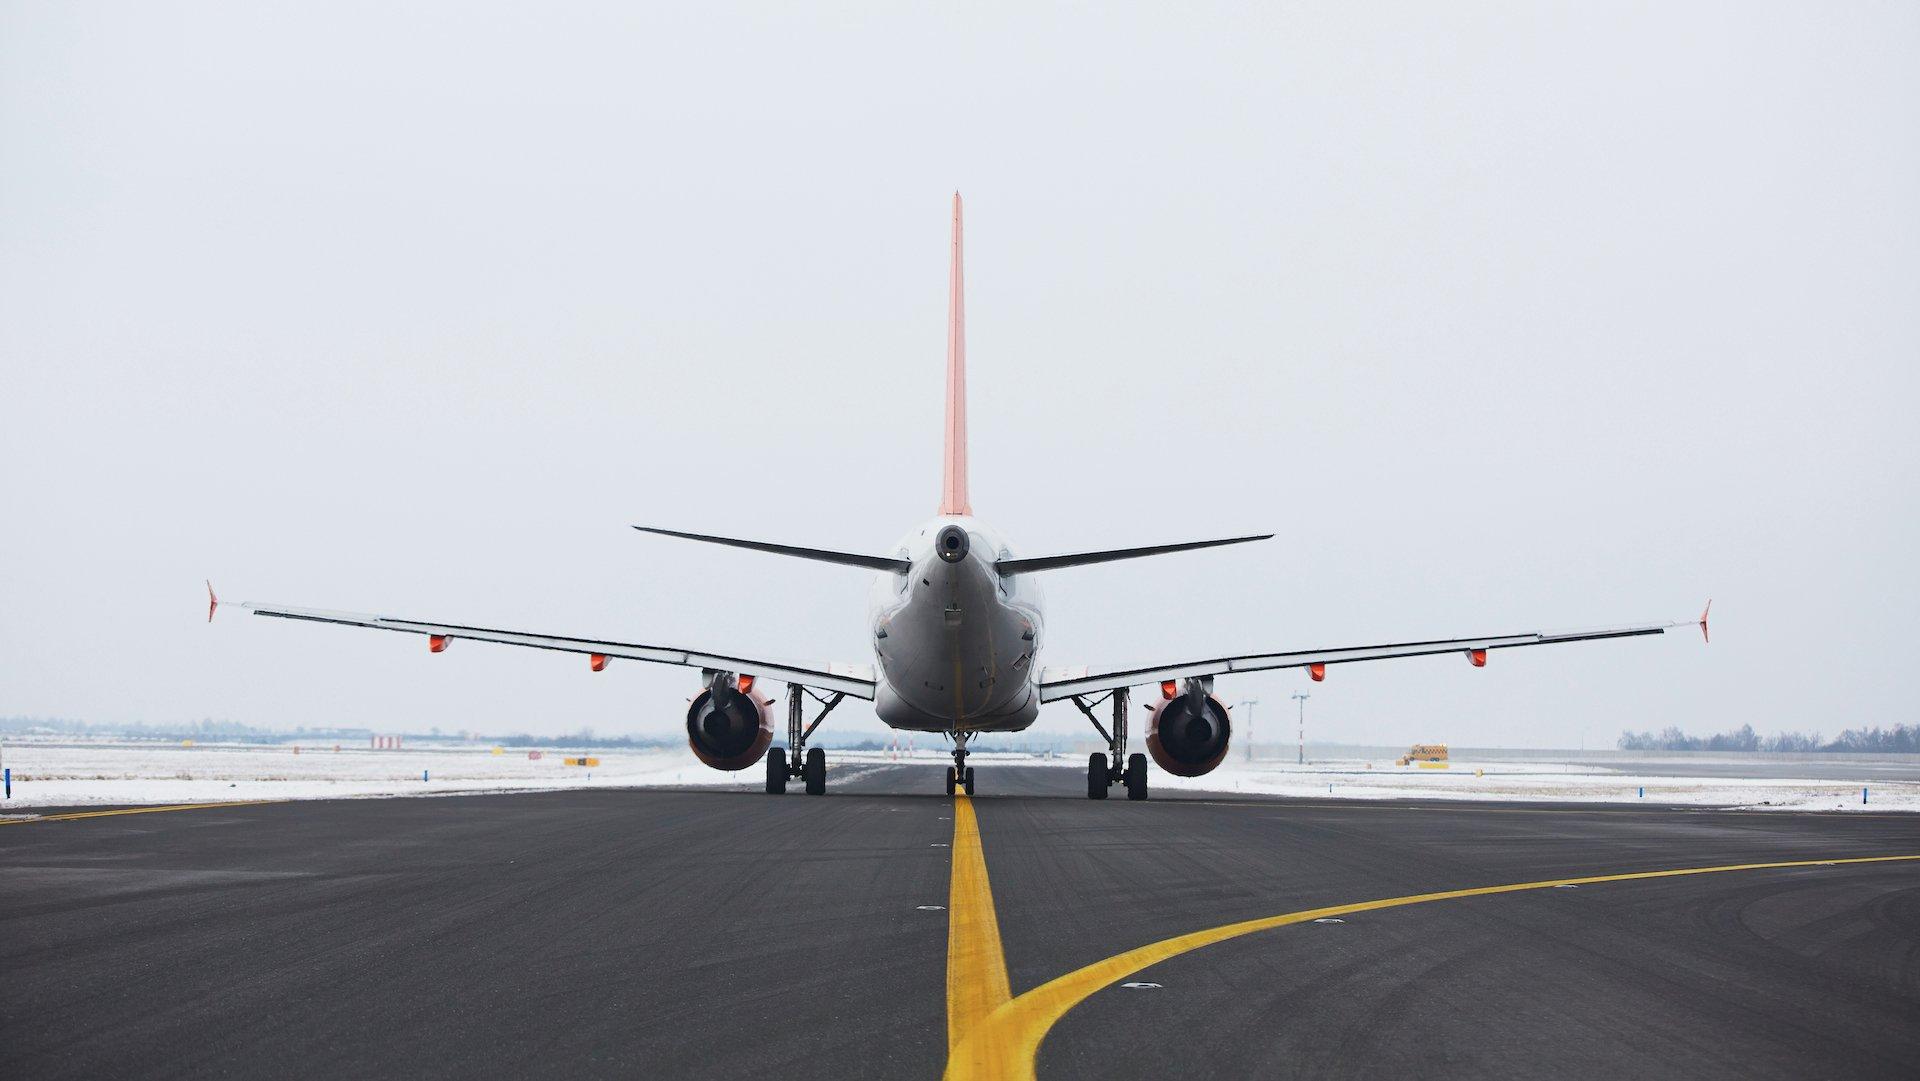 ¿Es necesario realizar cuarentena para viajar a Estados Unidos?